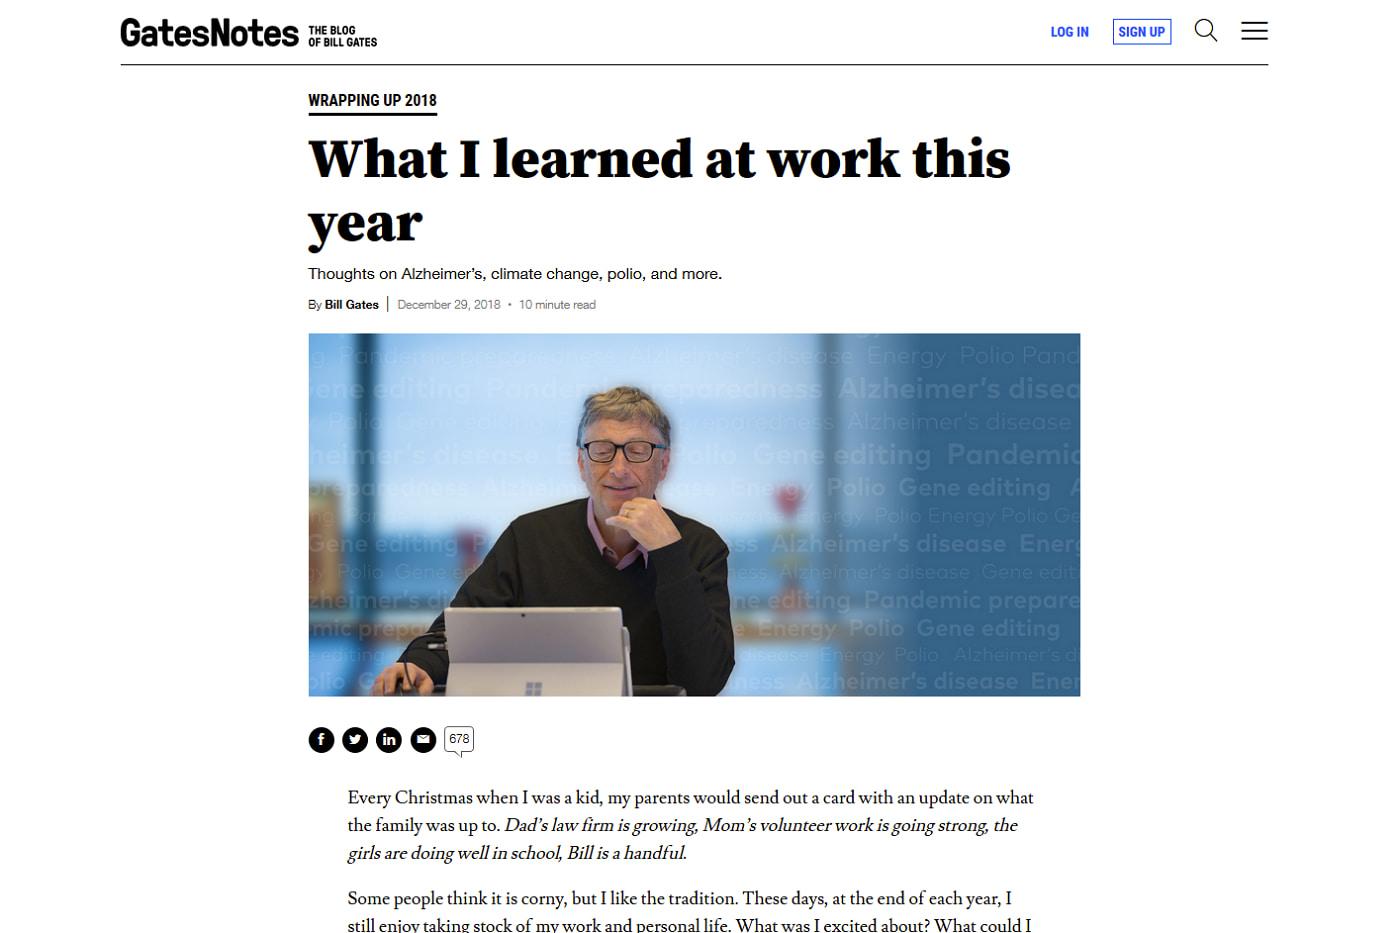 ビル・ゲイツの米国株ポートフォリオの特徴